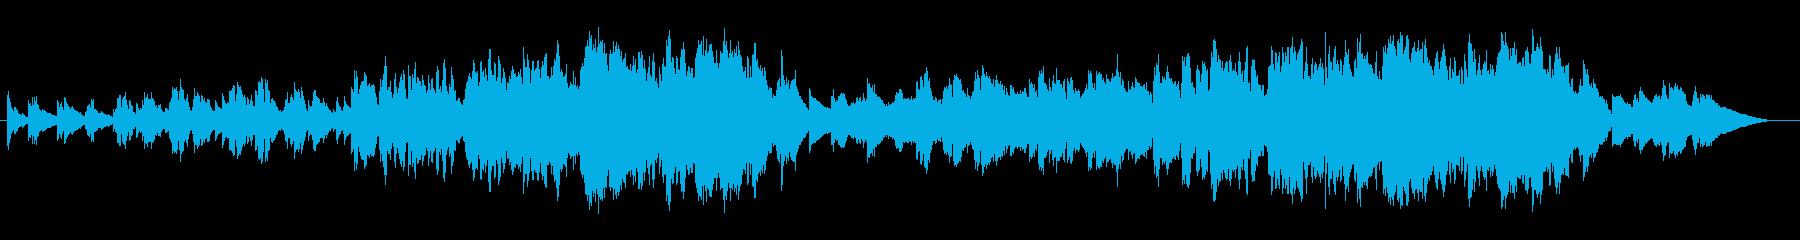 催眠的な女性ボーカルを使用した感情...の再生済みの波形